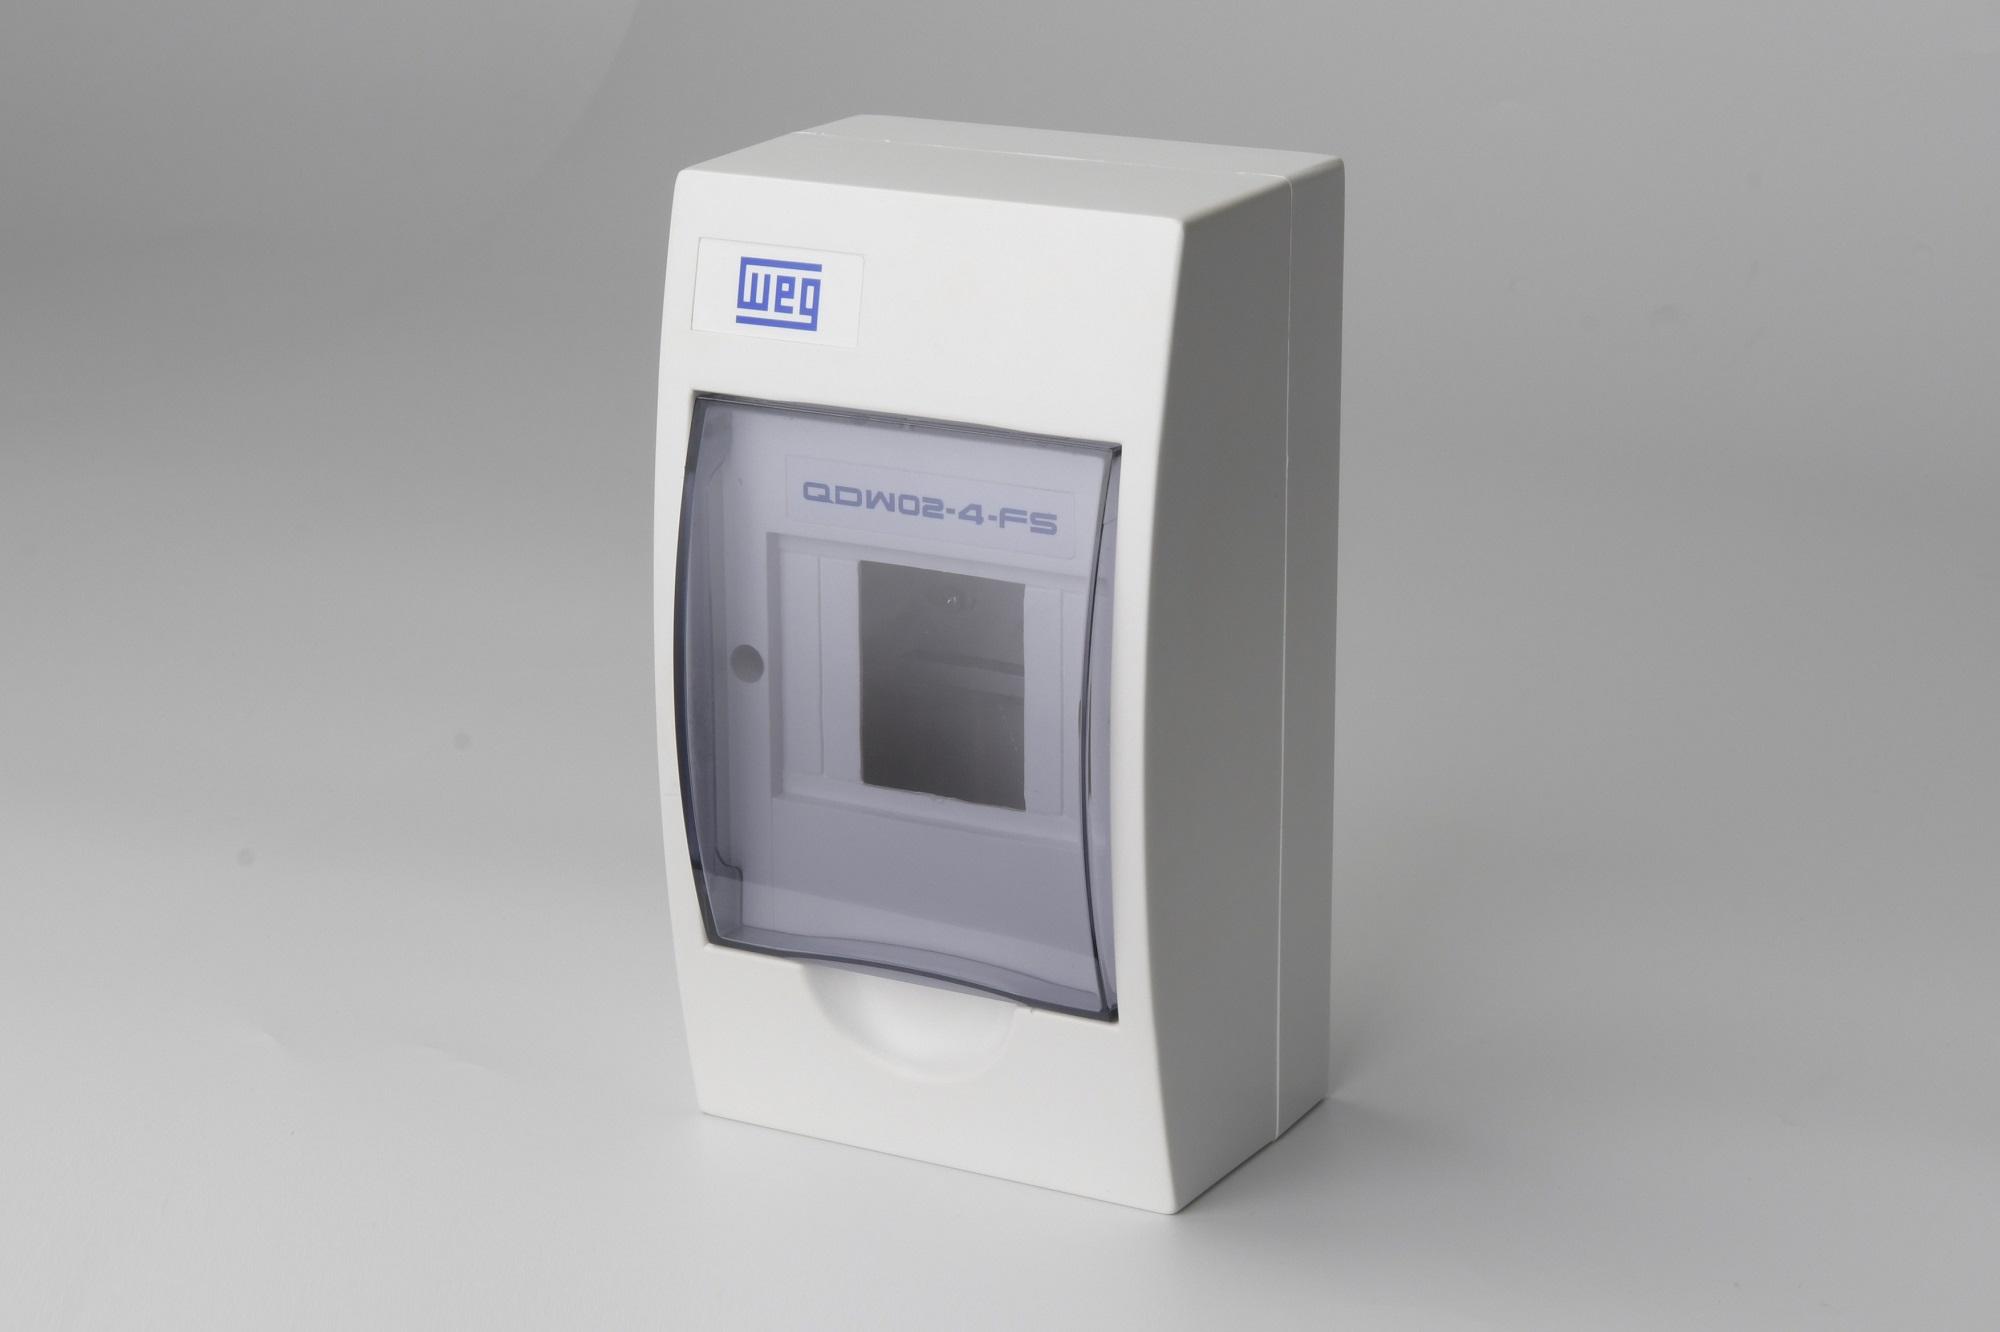 Quadro Distribuicao Para 4 Disjuntores Weg - Sobrepor  (Qdw02-4-Fs)